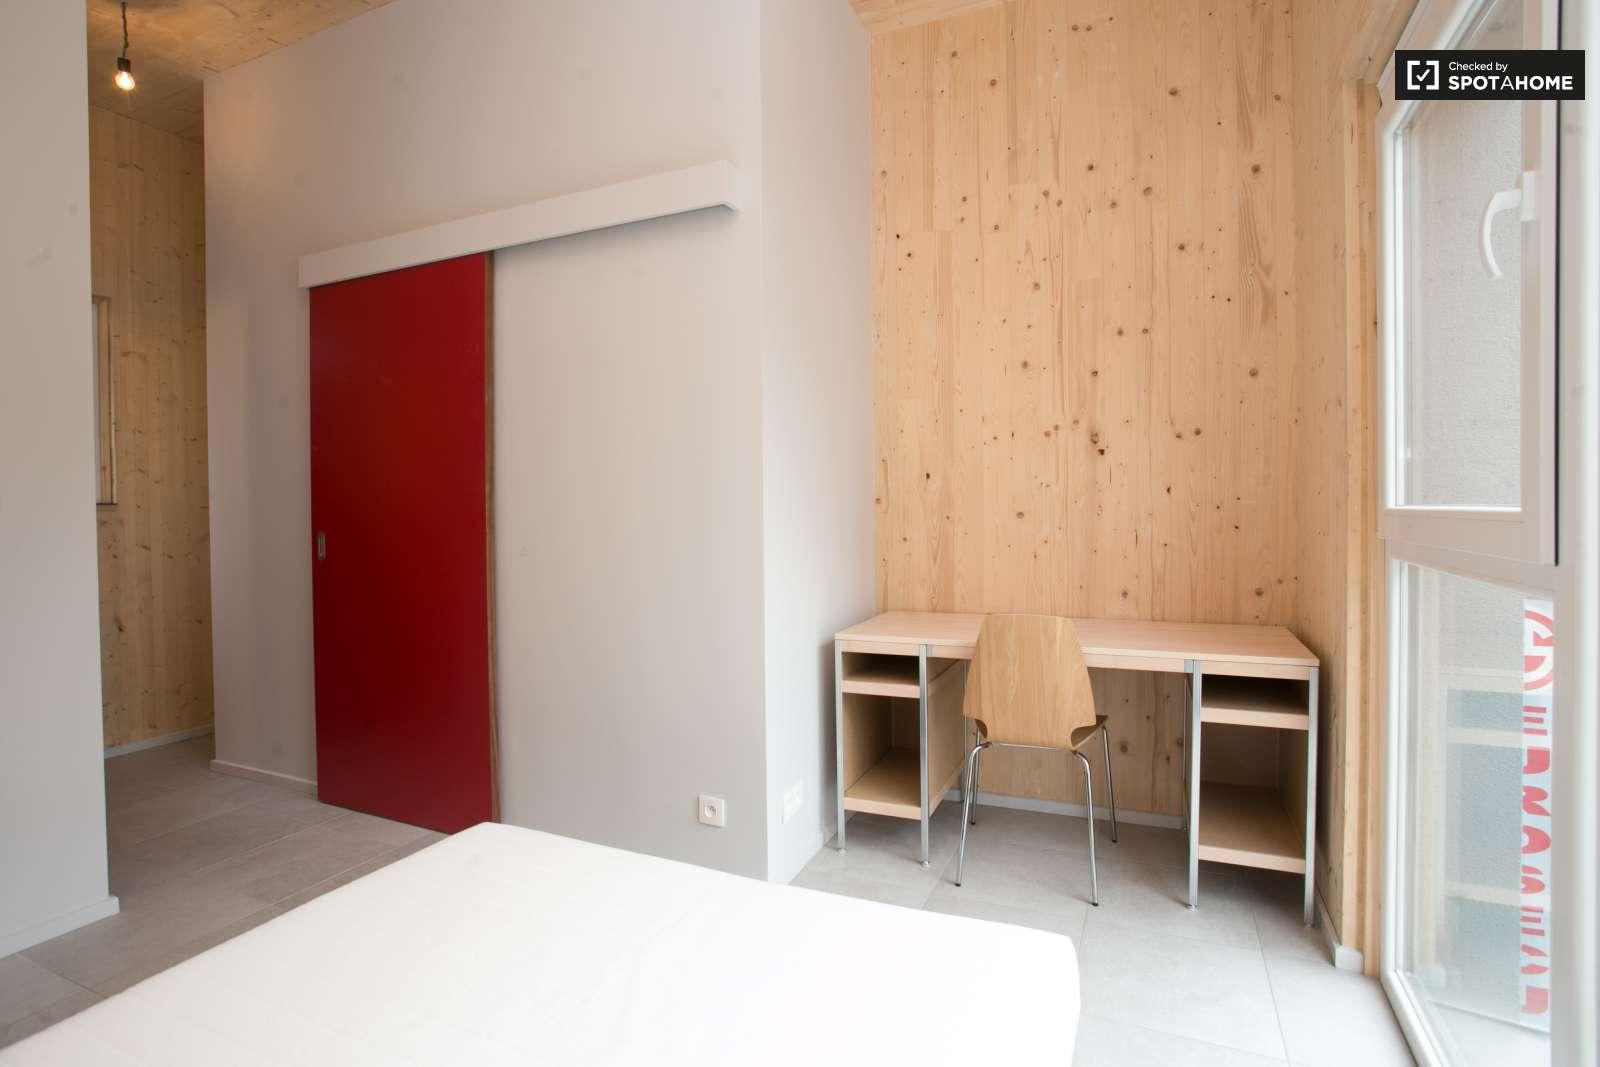 Chambre privative dans un appartement de 3 chambres for Appartement a louer a bruxelles 1 chambre